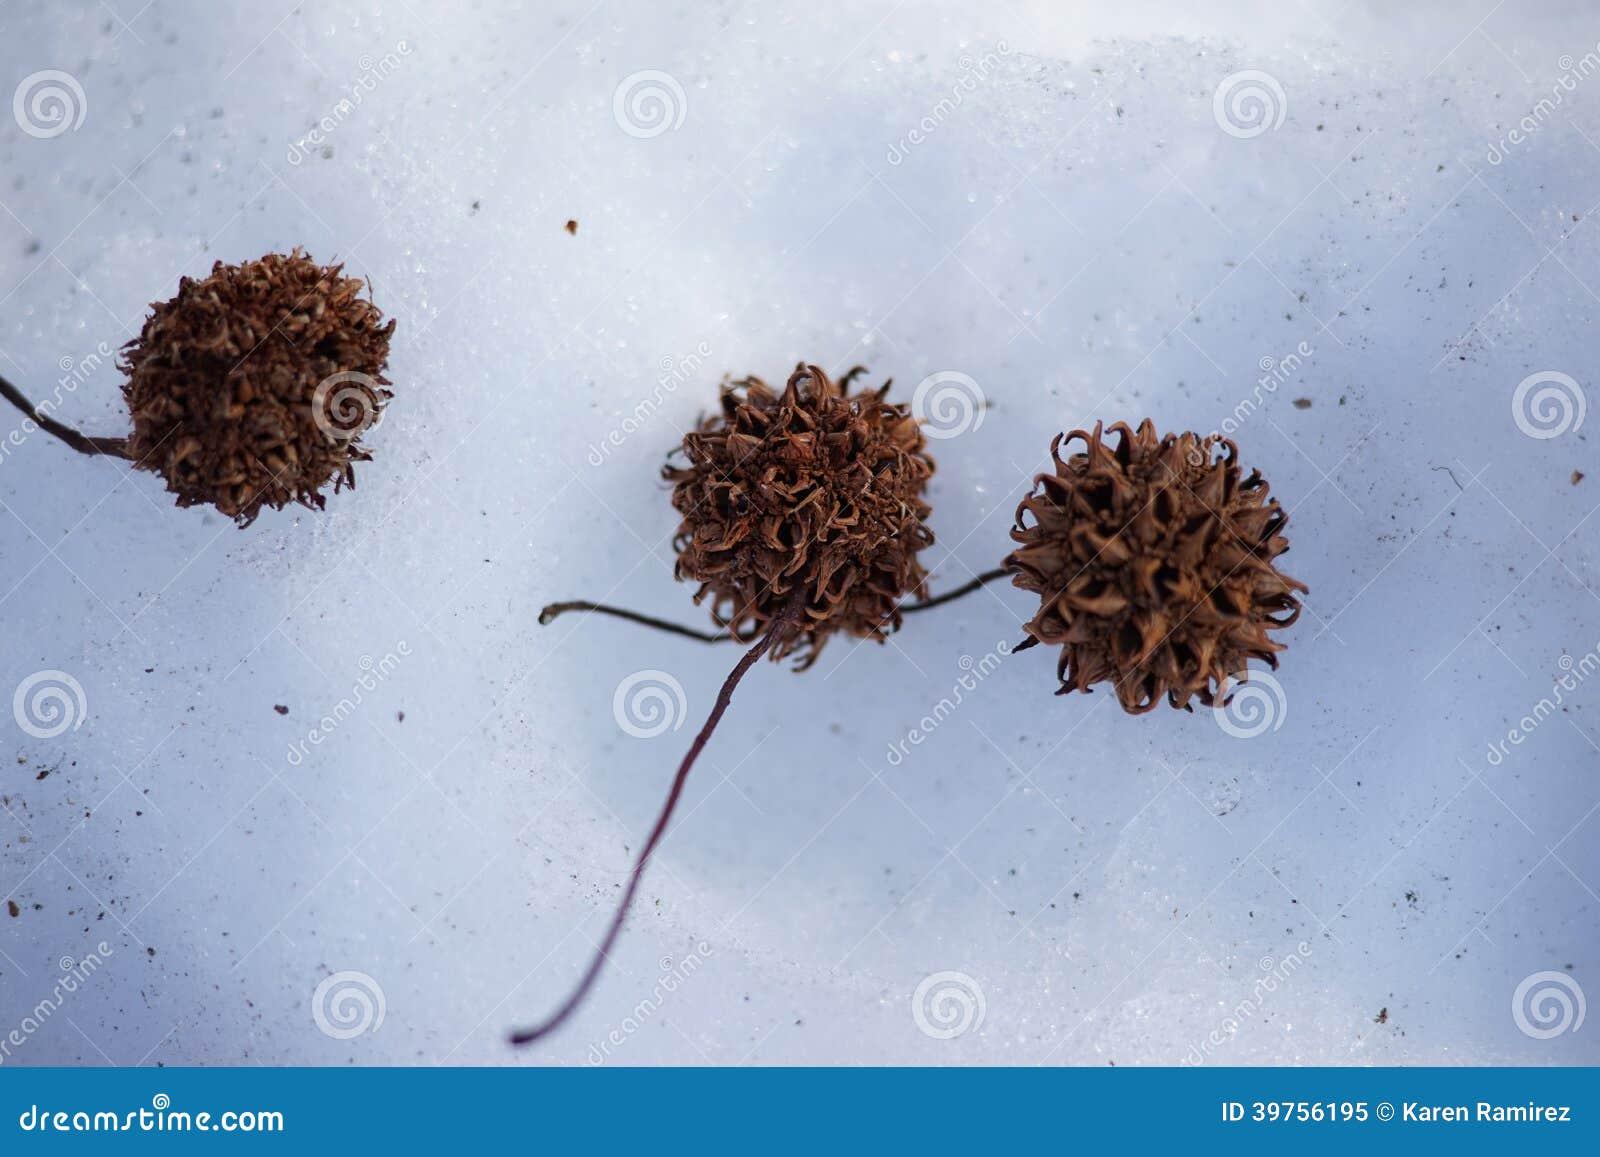 Prächtig Baum-Samen stockbild. Bild von wild, braun, nahaufnahme - 39756195 &TF_23